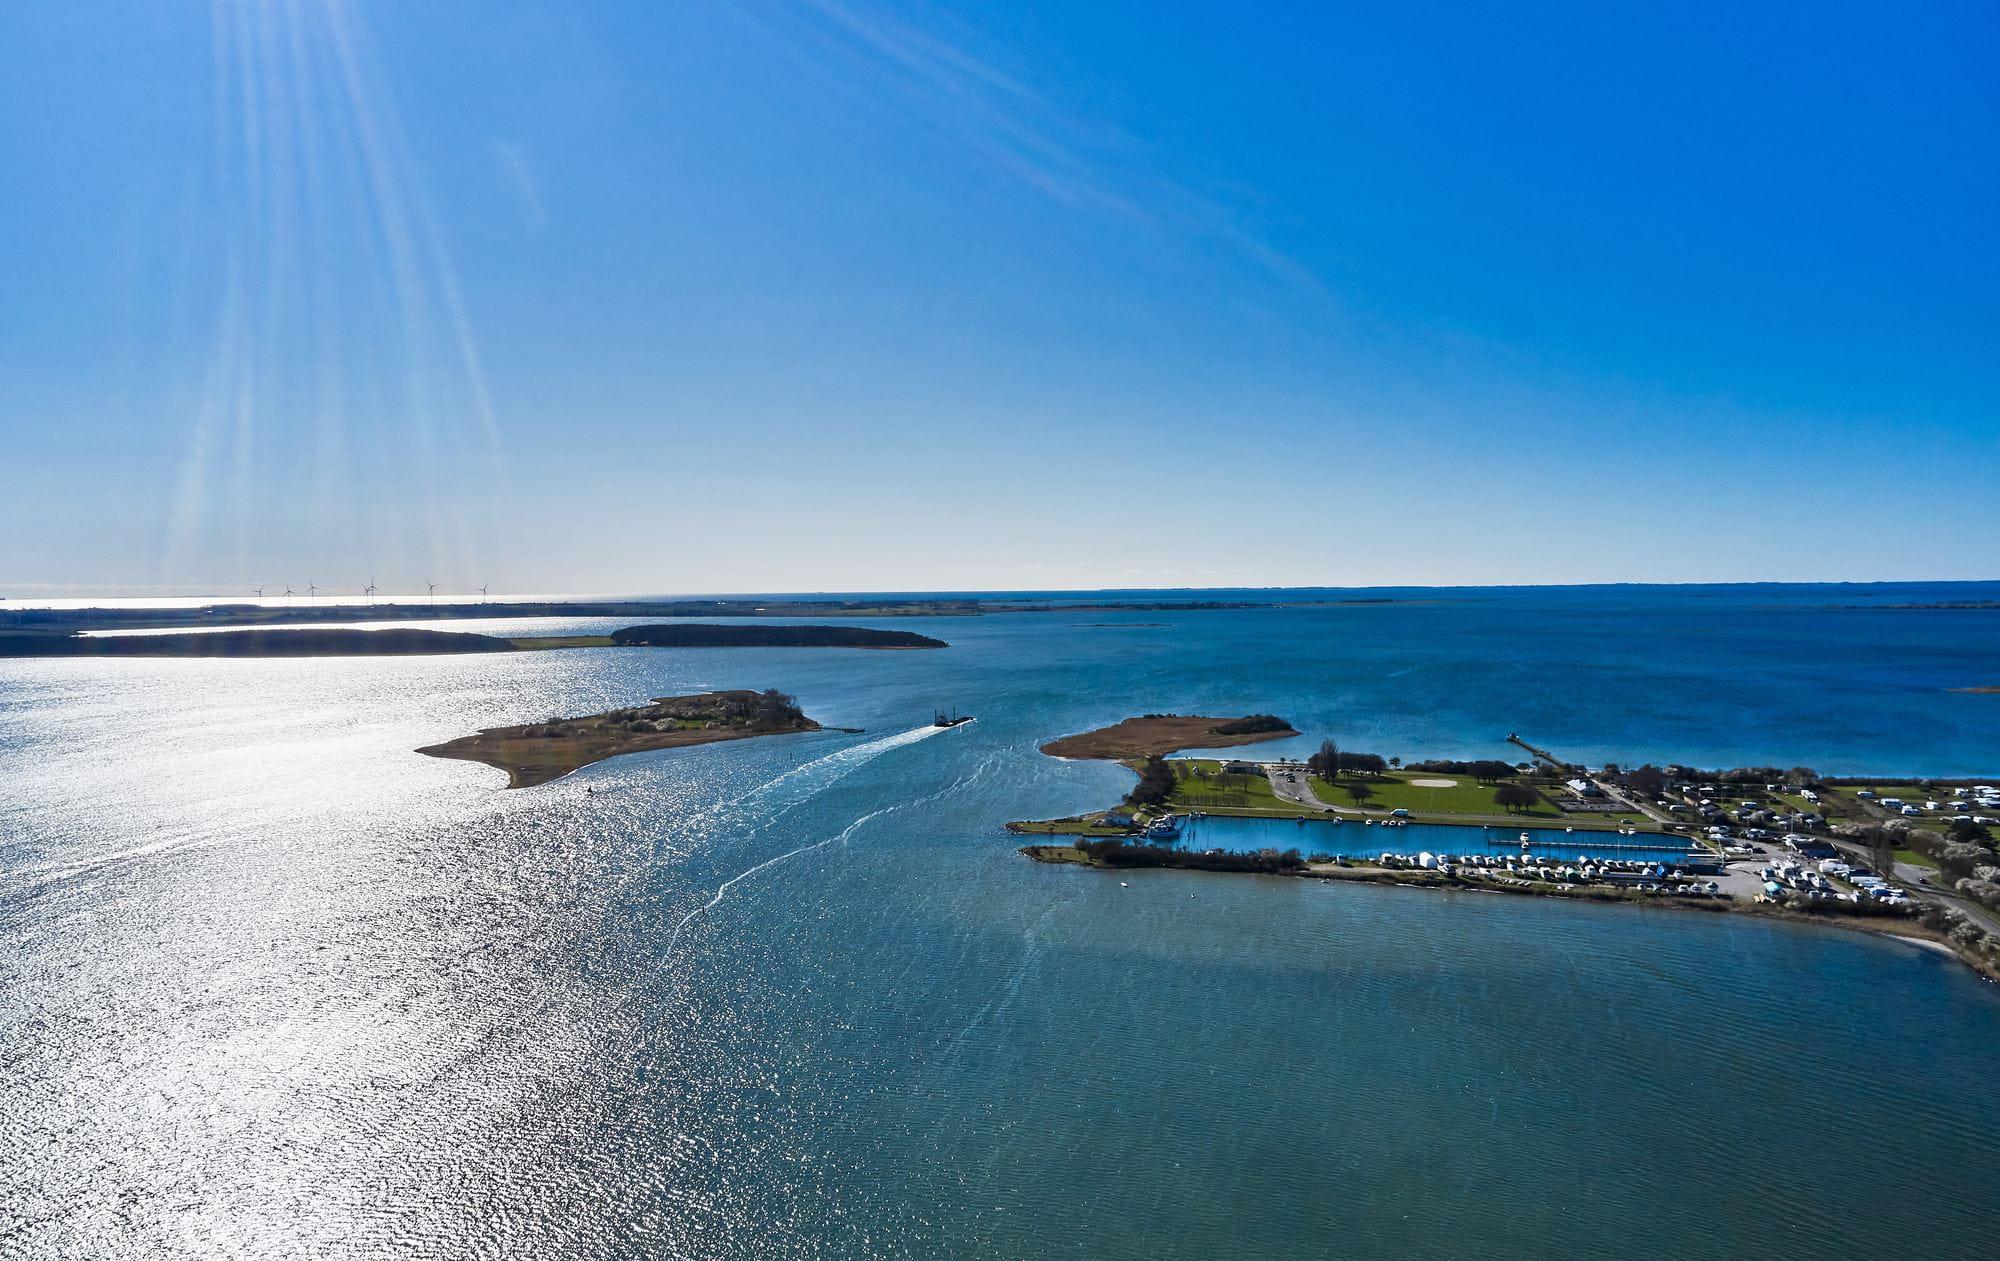 Sjælland og øerne omkring skal have øget fokus på at tiltrække turister. Her er det foto fra Nakskov Fjord, foto: Steffen Stamp.